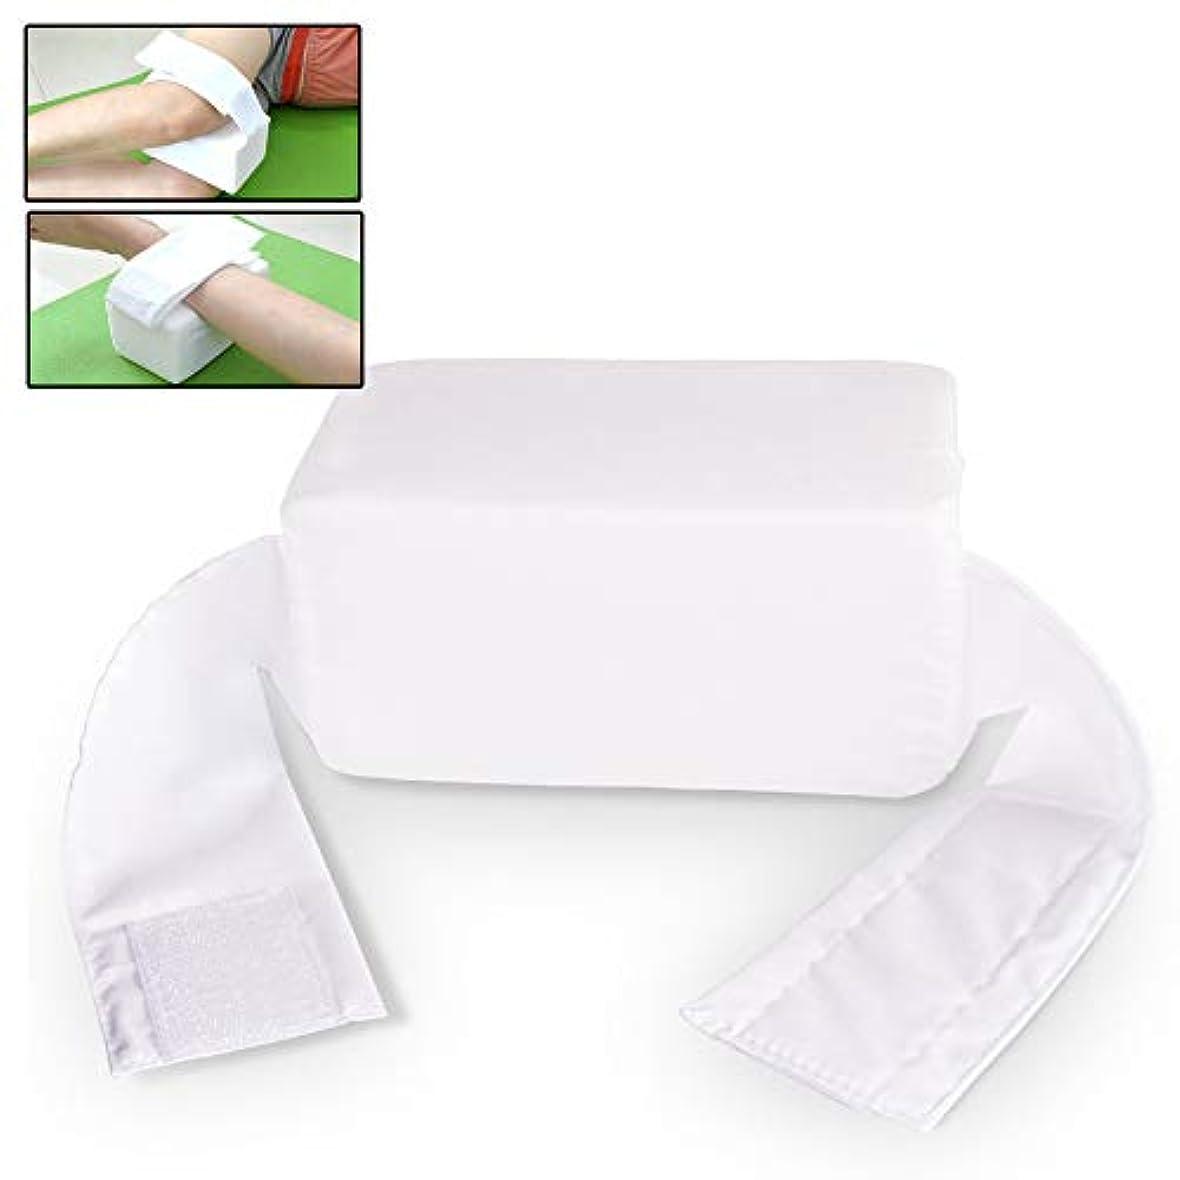 バスケットボールパールライン調節可能なストラップ付きの多機能抗床ずれ膝枕 -サイドスリーパー、坐骨神経痛、妊娠と関節痛のためのくさびスポンジ枕